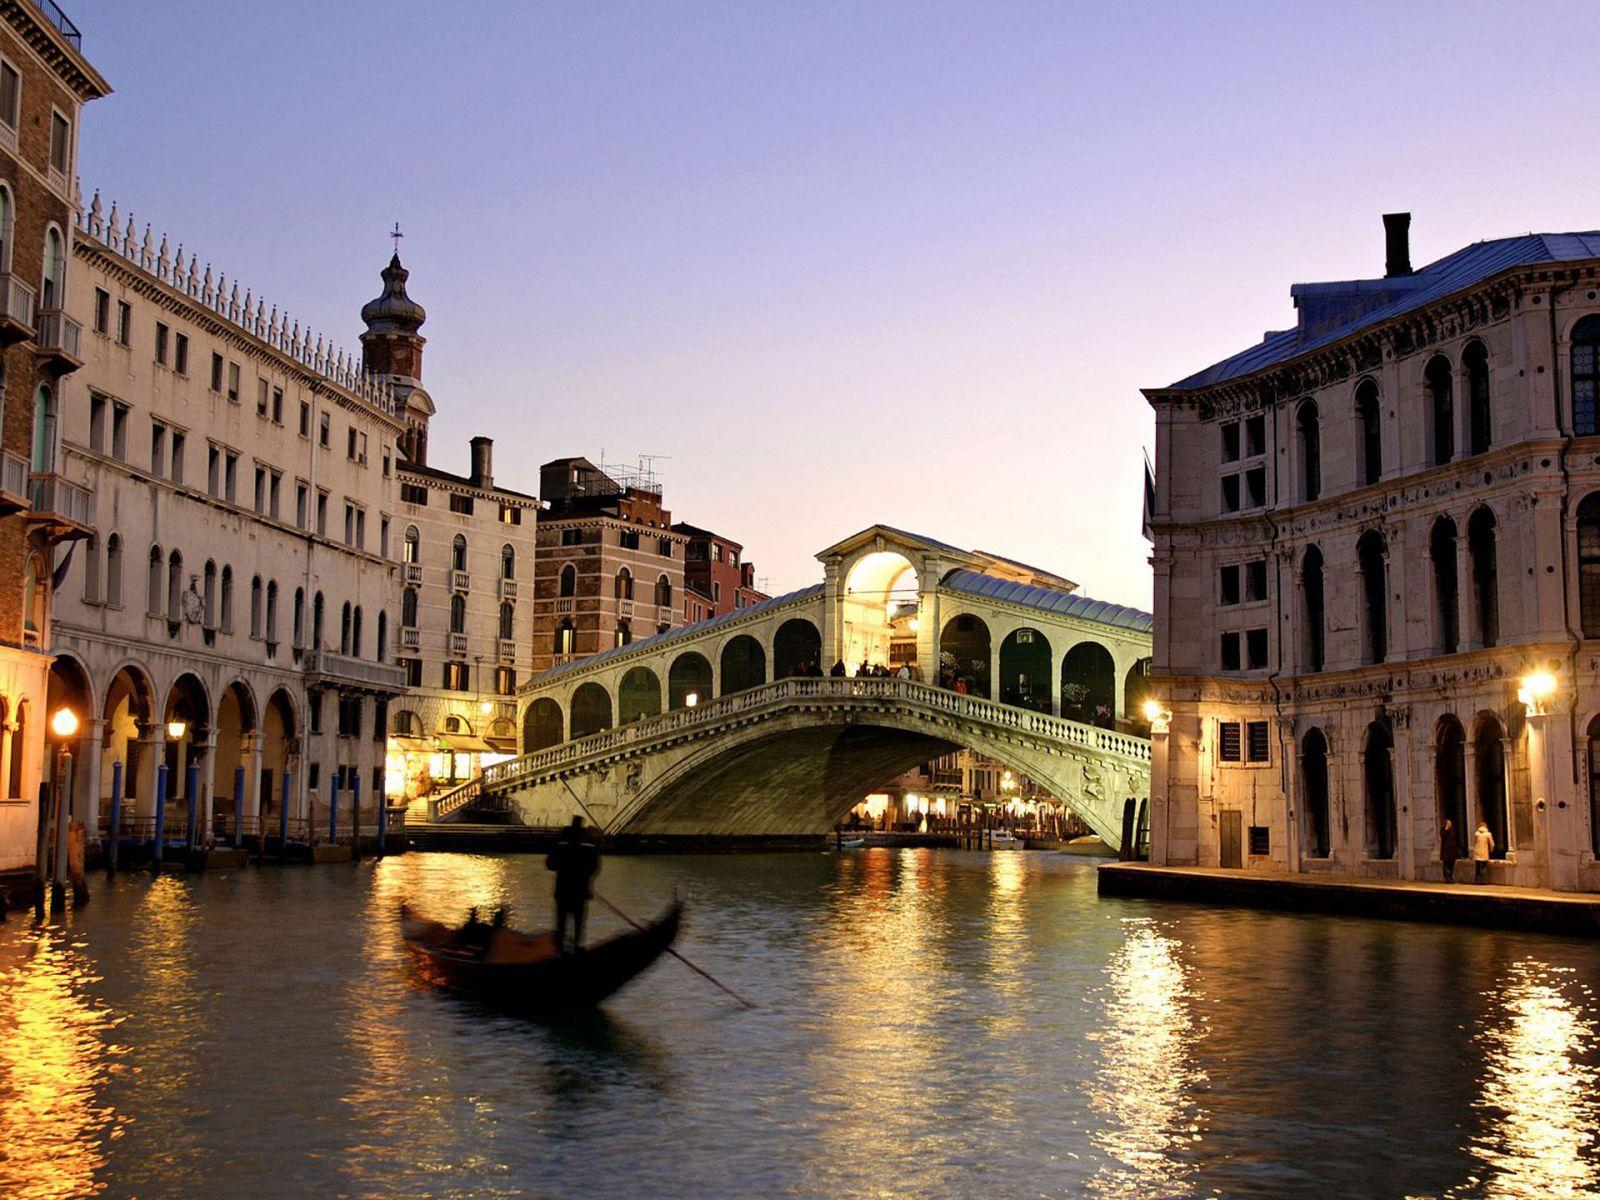 تحصیل پزشکی و مهندسی در ایتالیا